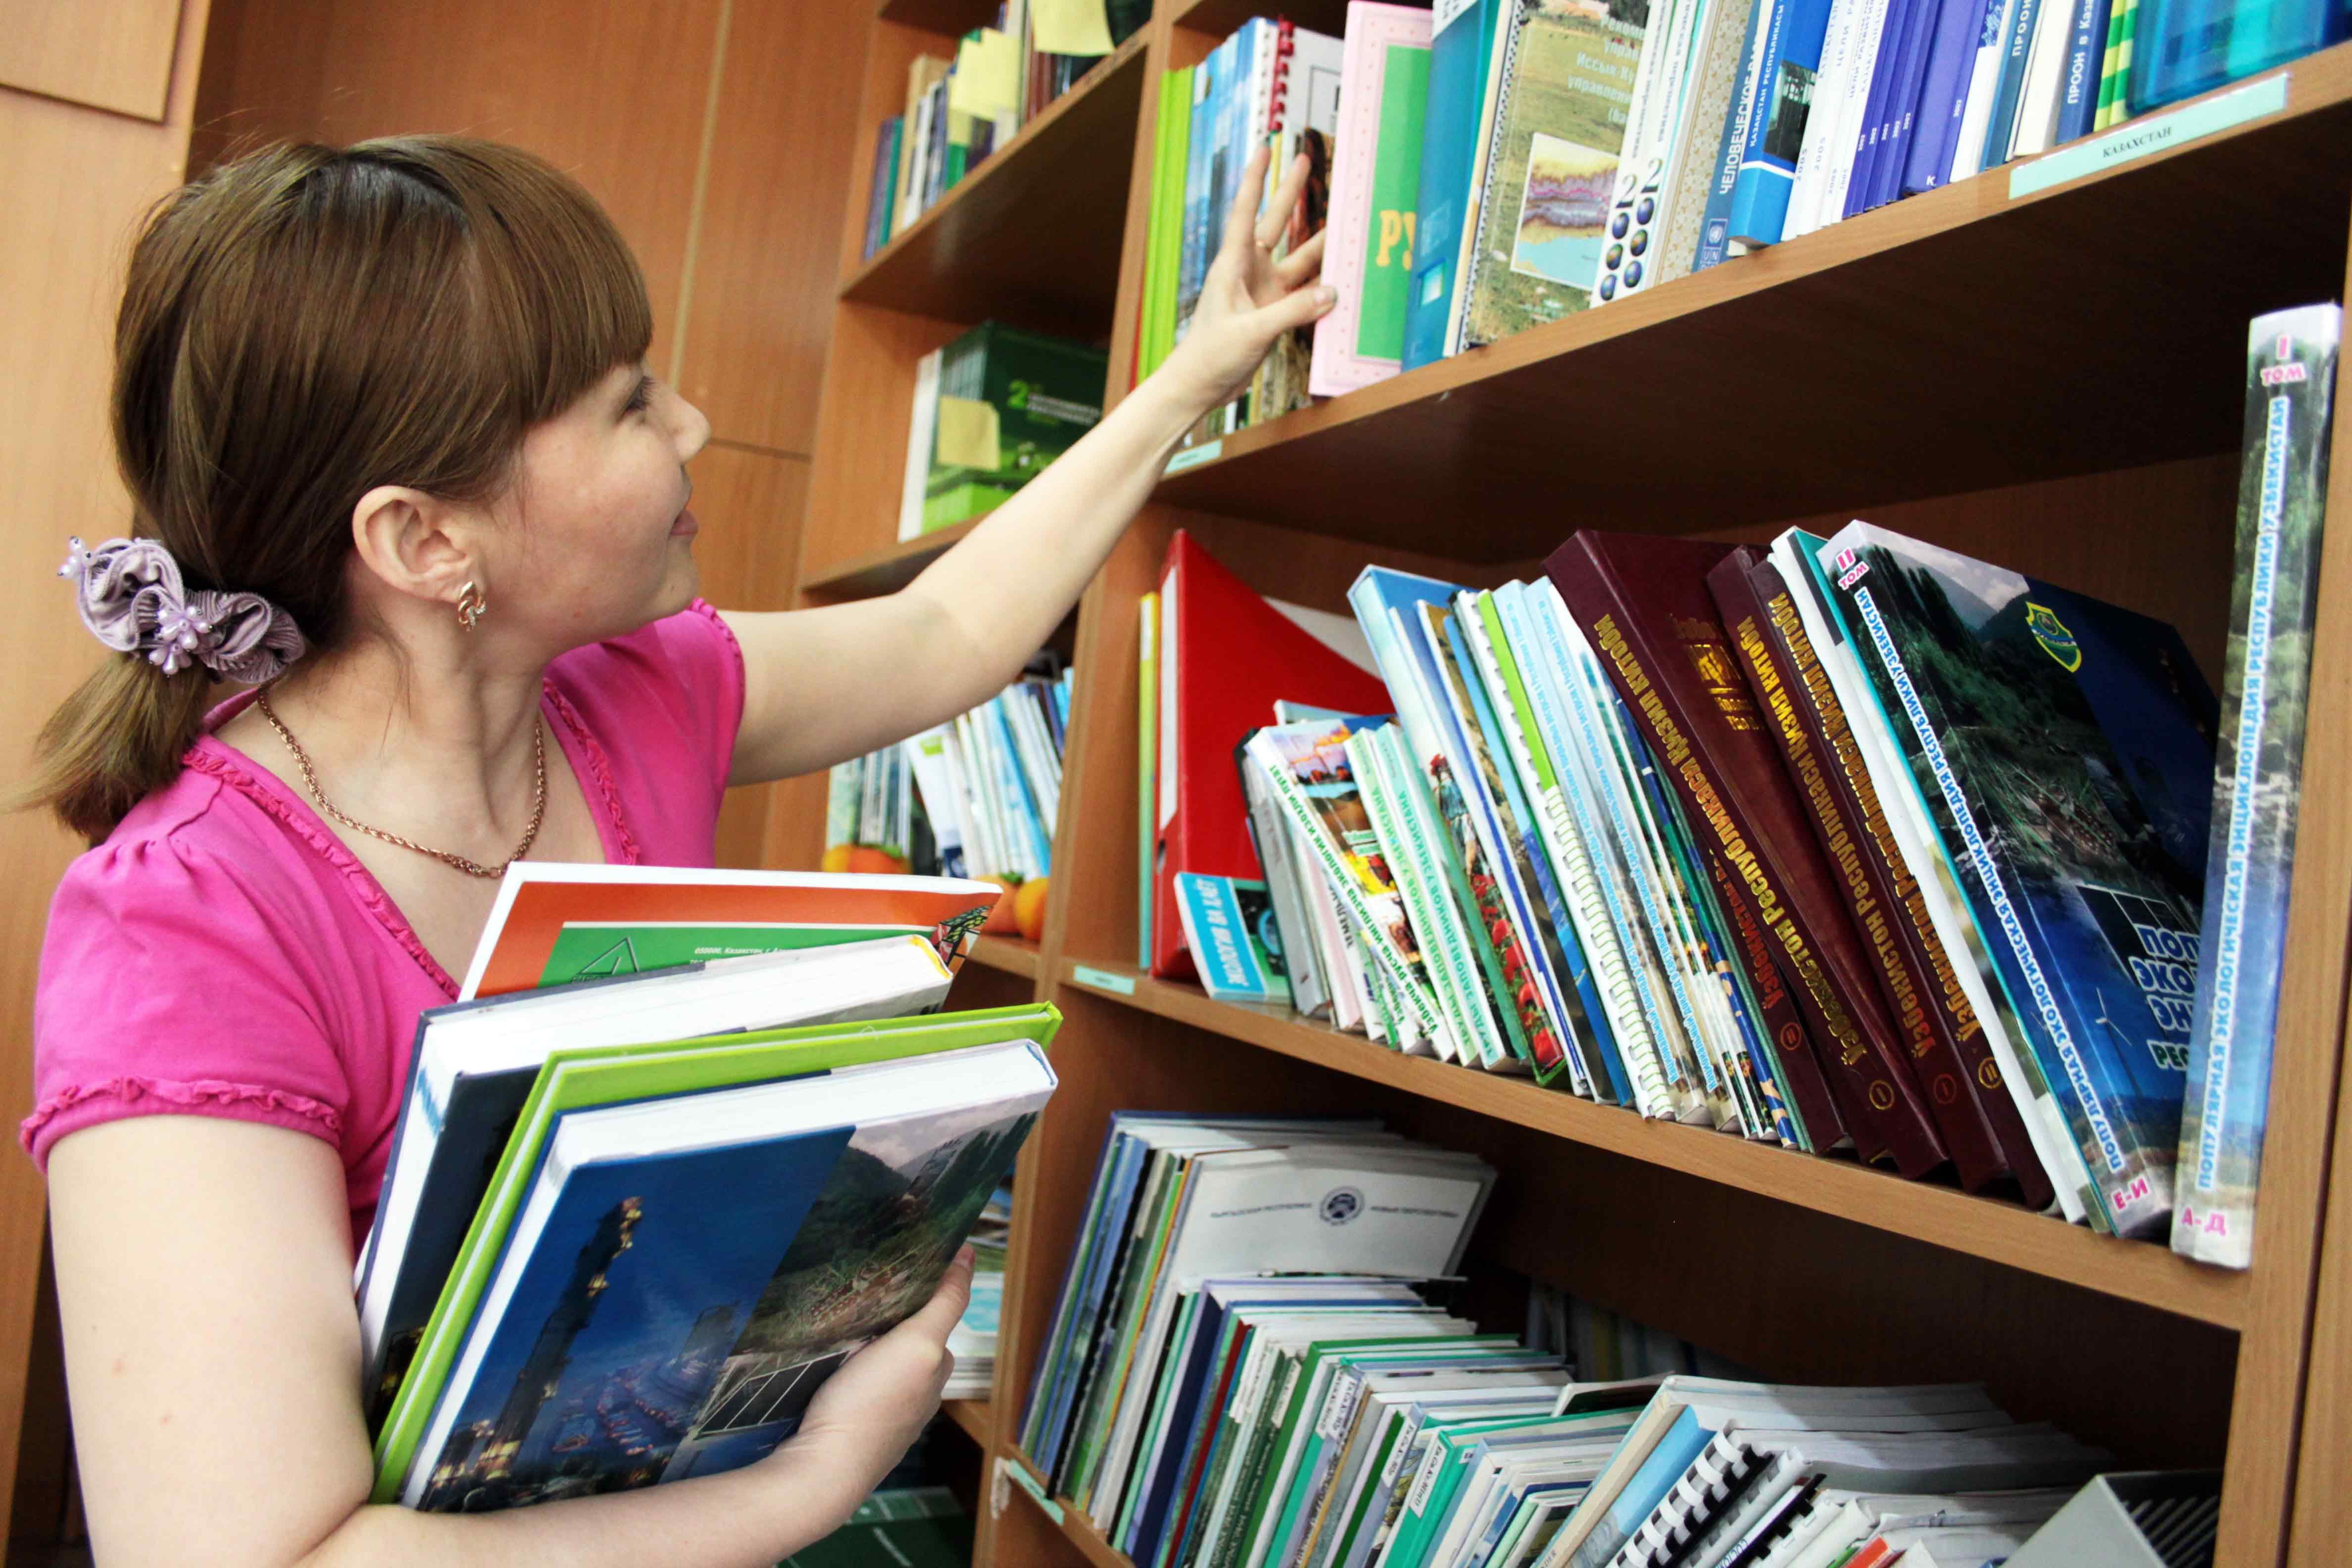 отдел оценки книг в ленинской библиотеке отличии